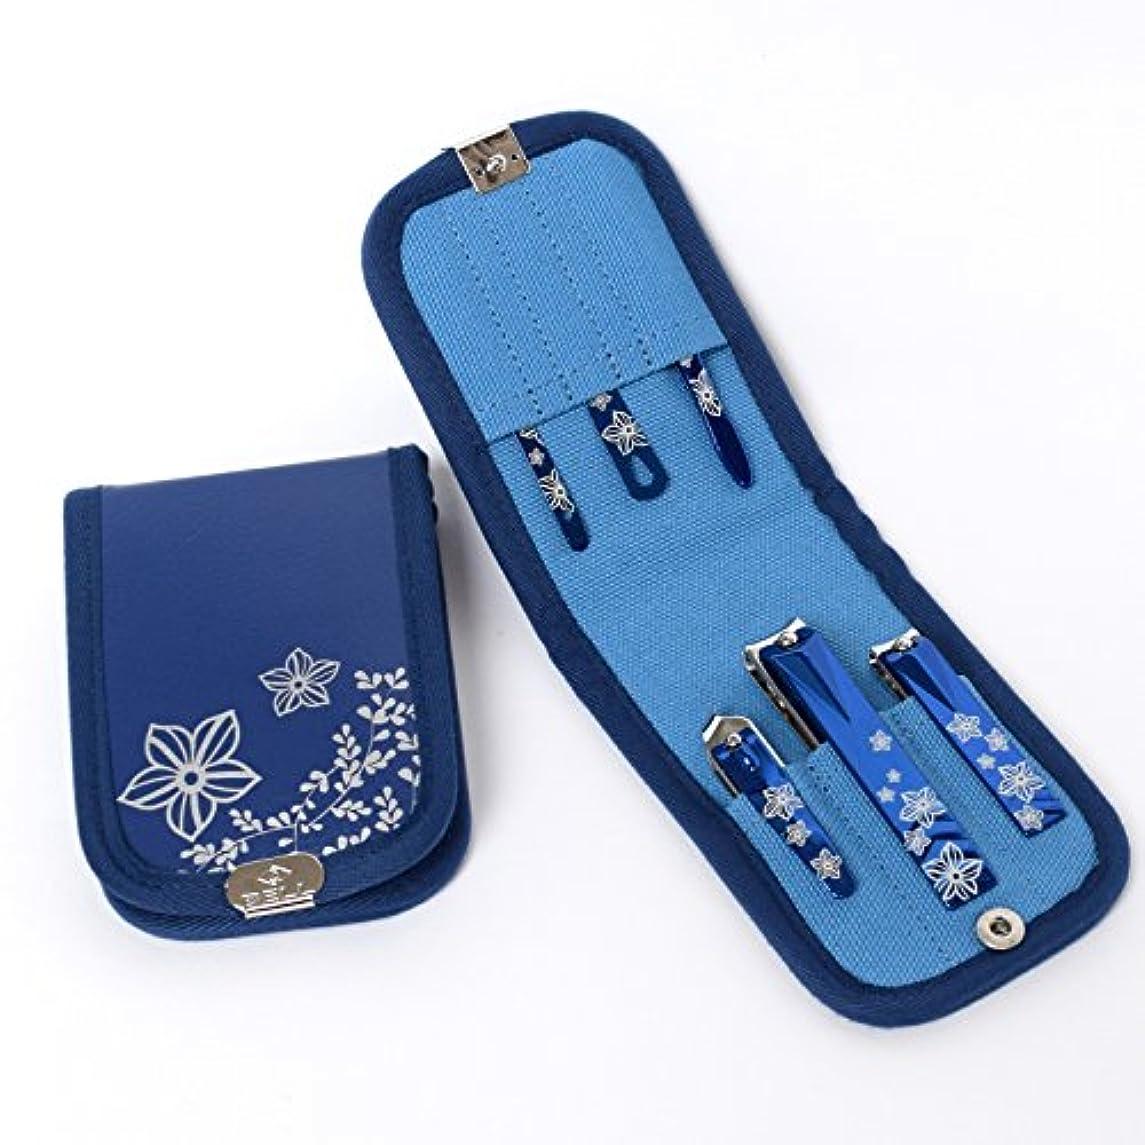 素晴らしいですパーススチュアート島BELL Manicure Sets BM-360 ポータブル爪の管理セット 爪切りセット 高品質のネイルケアセット高級感のある東洋画のデザイン Portable Nail Clippers Nail Care Set